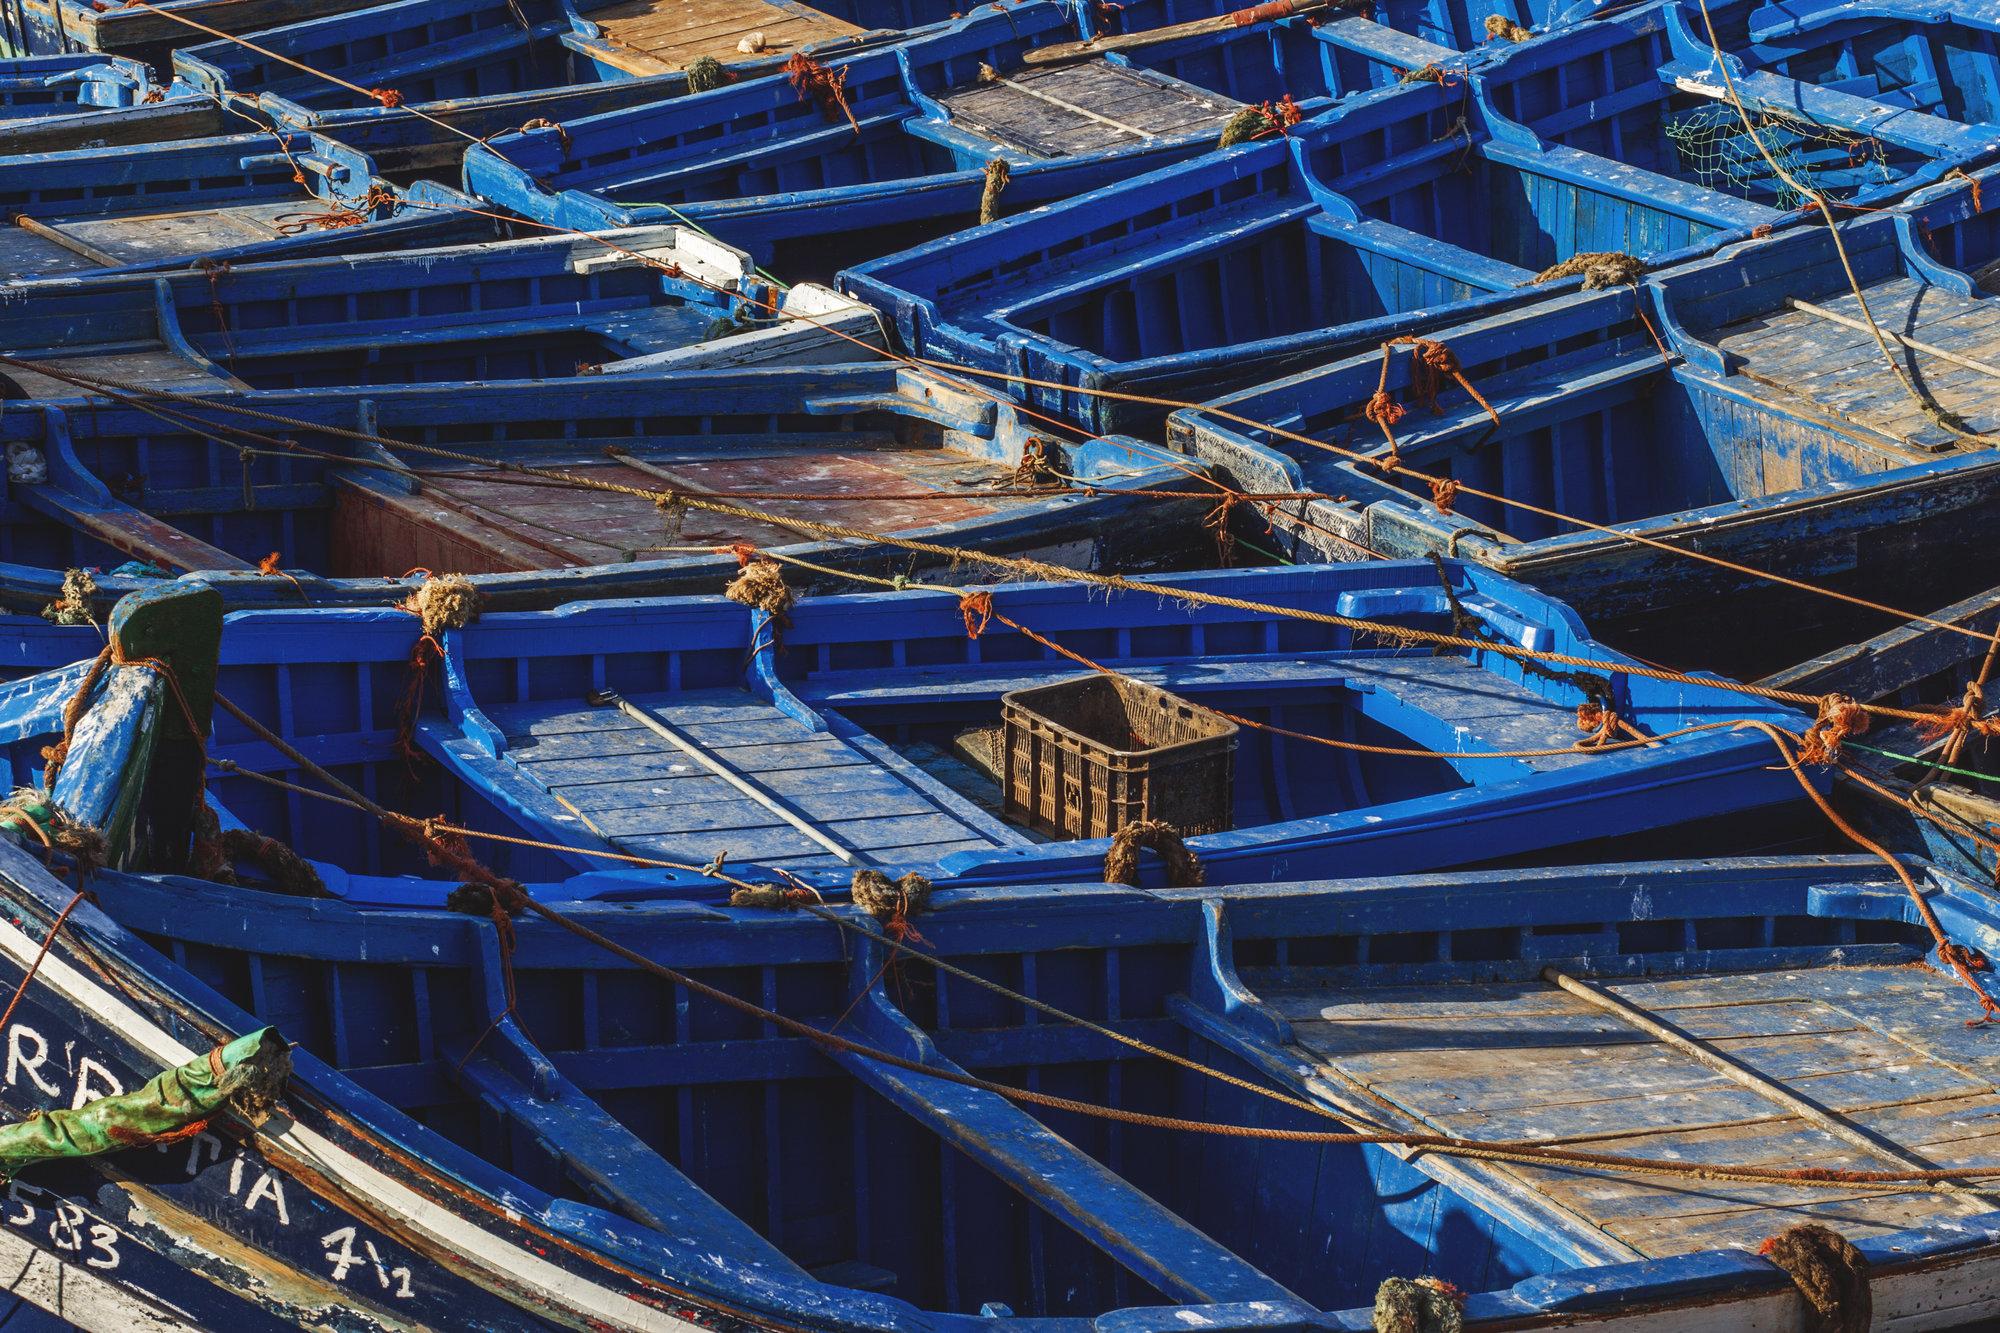 modré lodě v přístavu